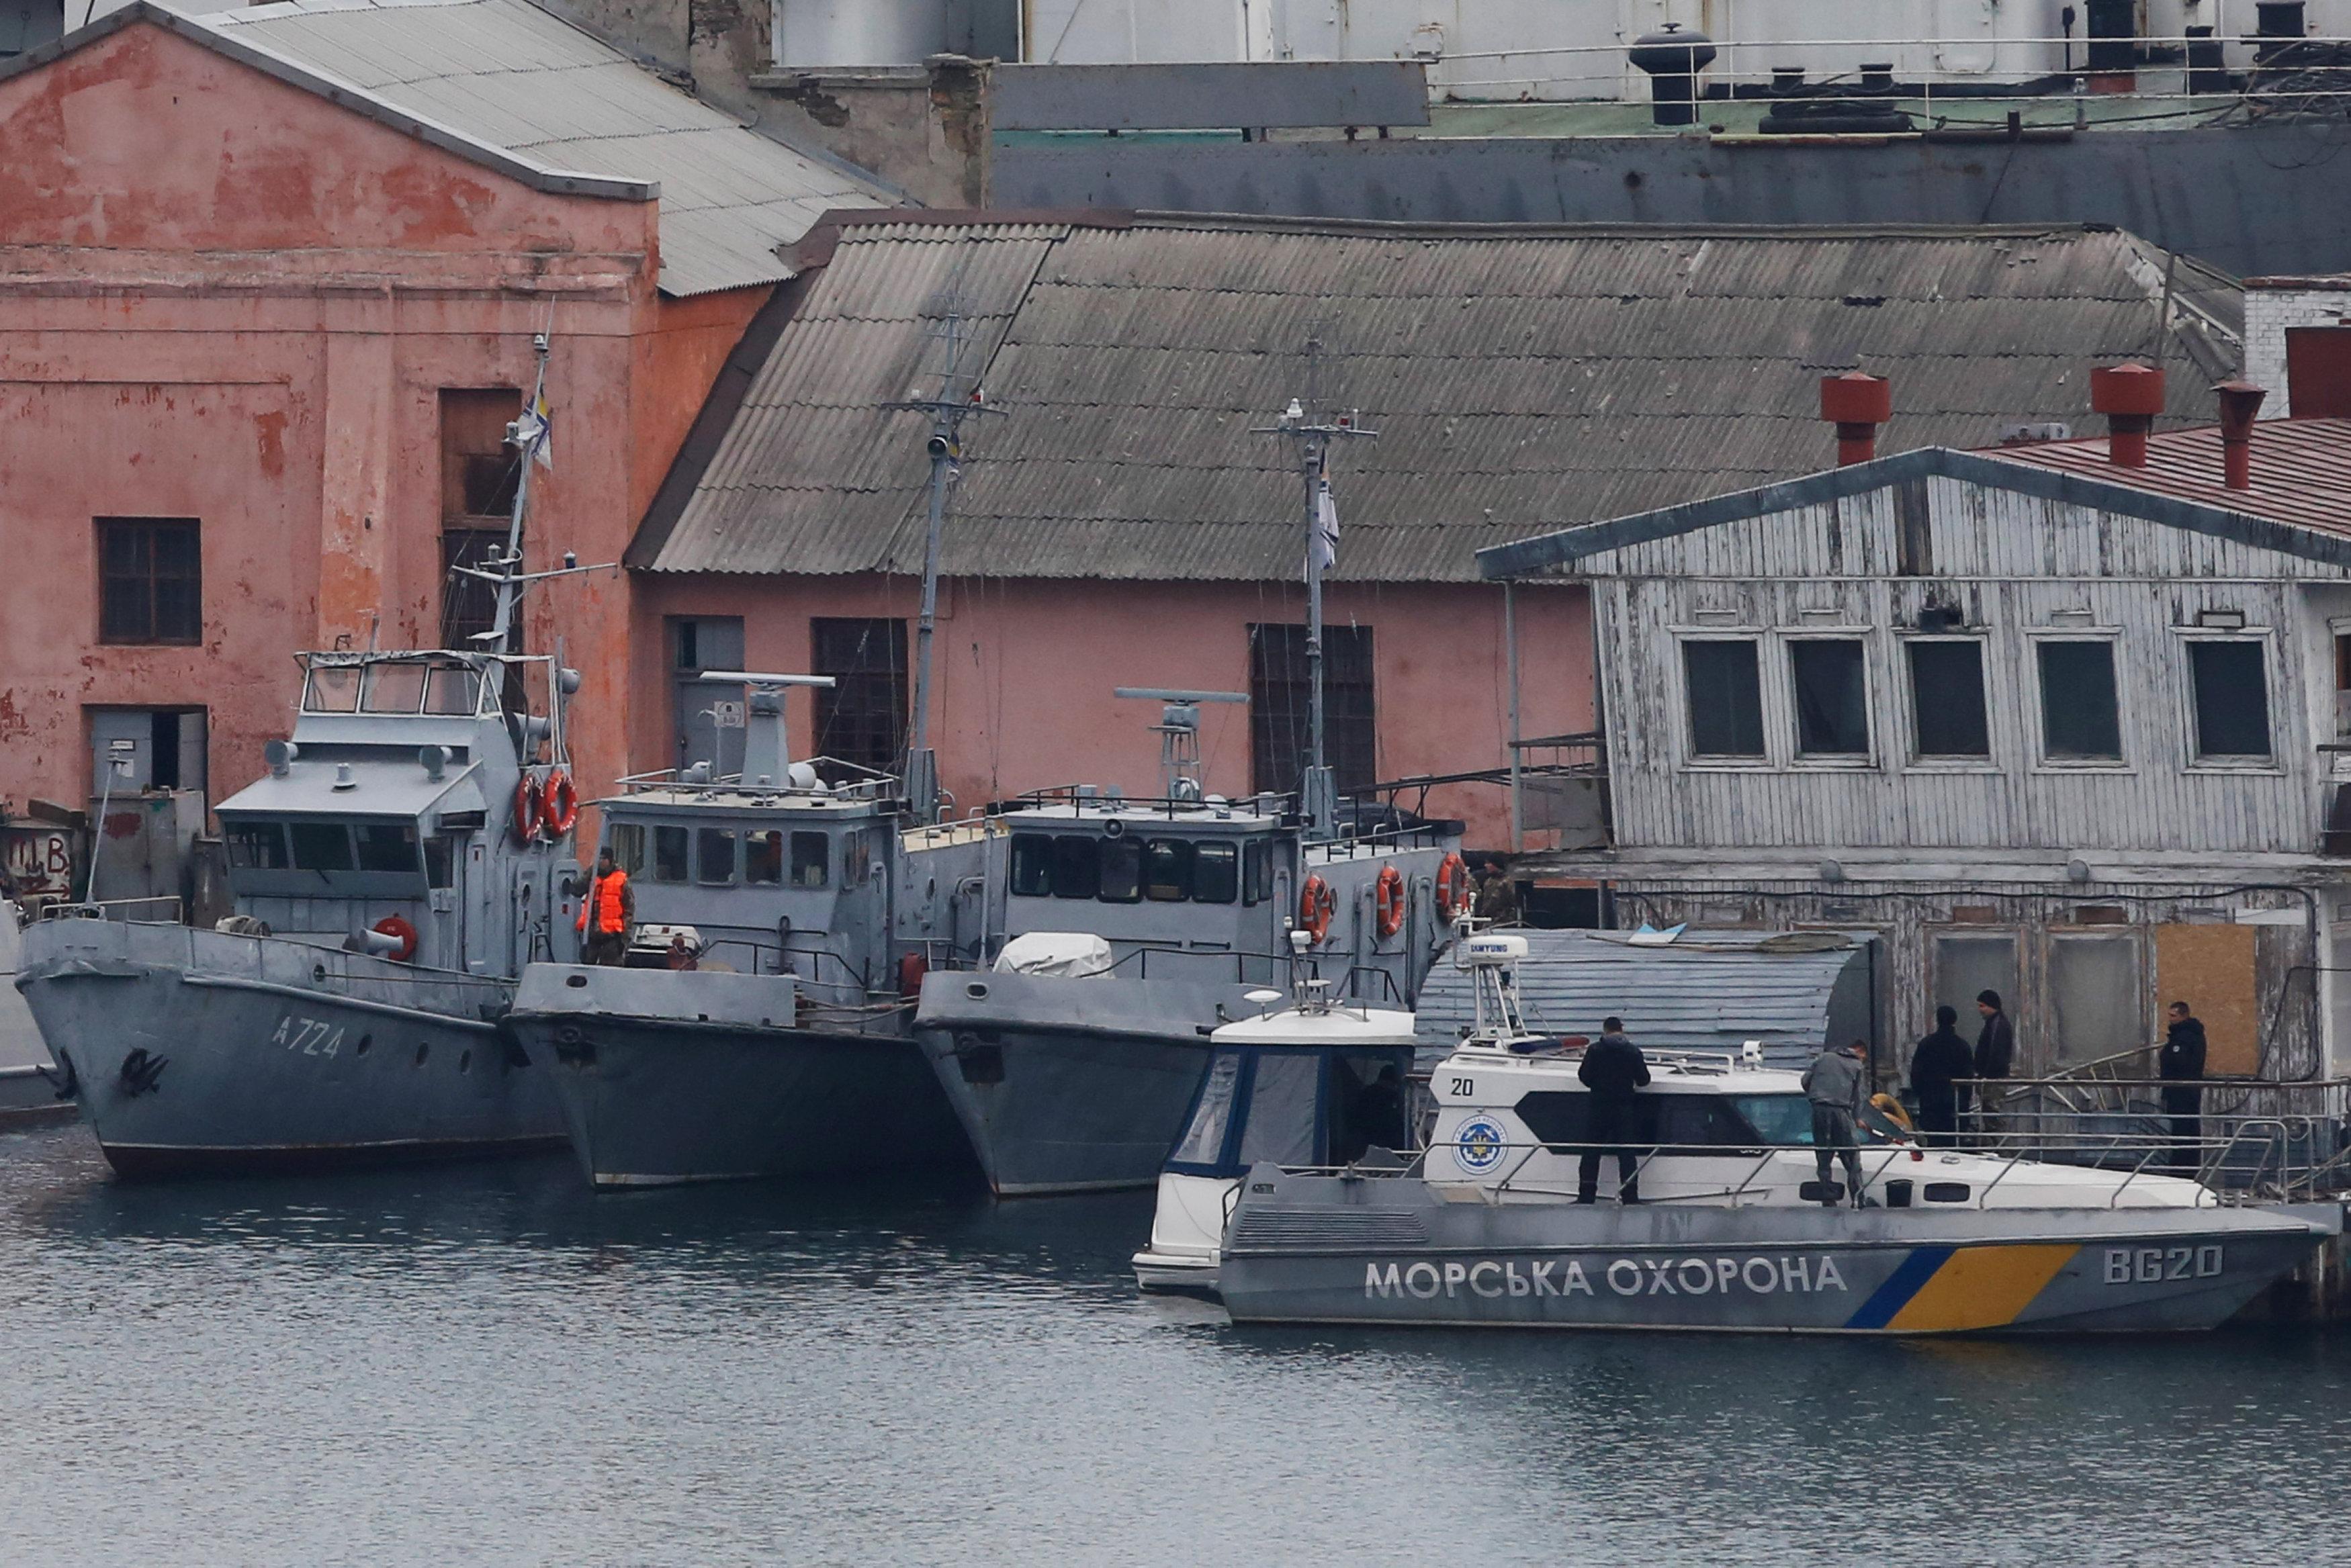 ВМС флот